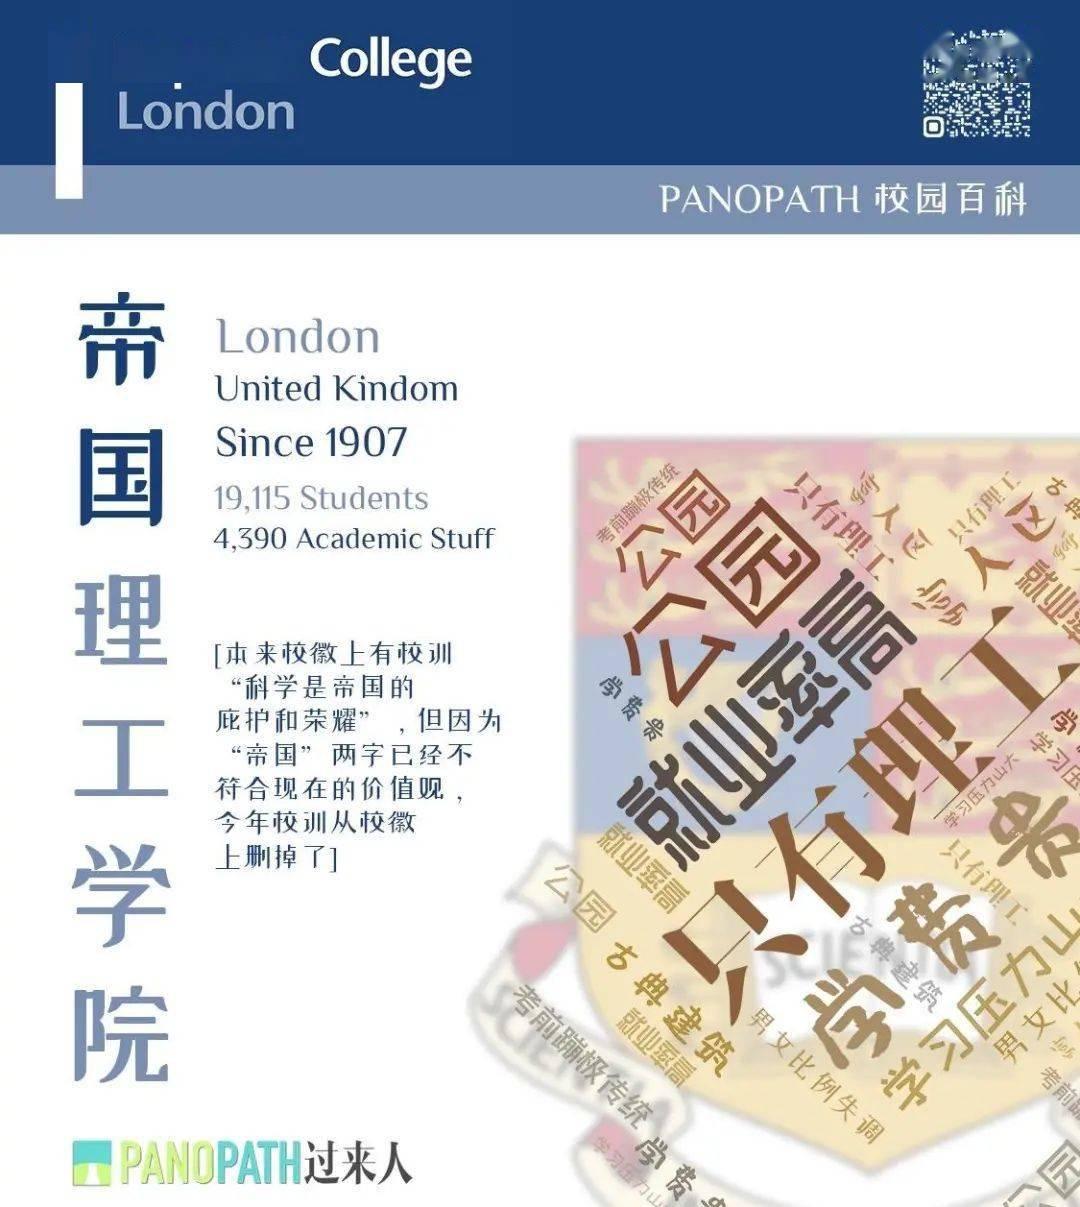 帝国理工学院 Imperial College London  真·一入理工似深海